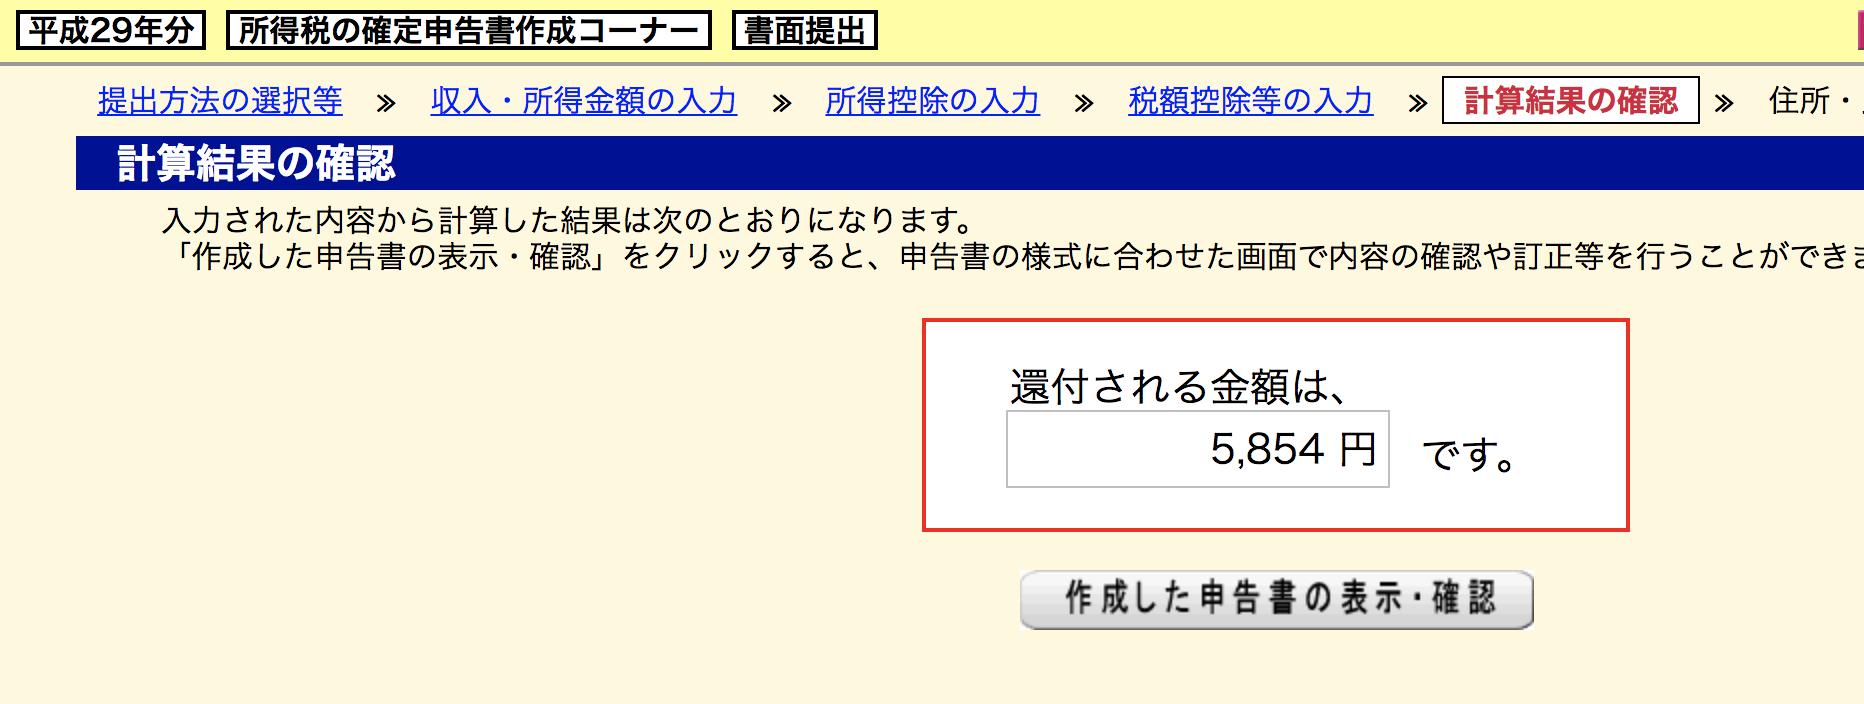 6万円のふるさと納税の寄付金控除!!<br/>平成29年分の確定申告(還付申告)資料作成完了!!